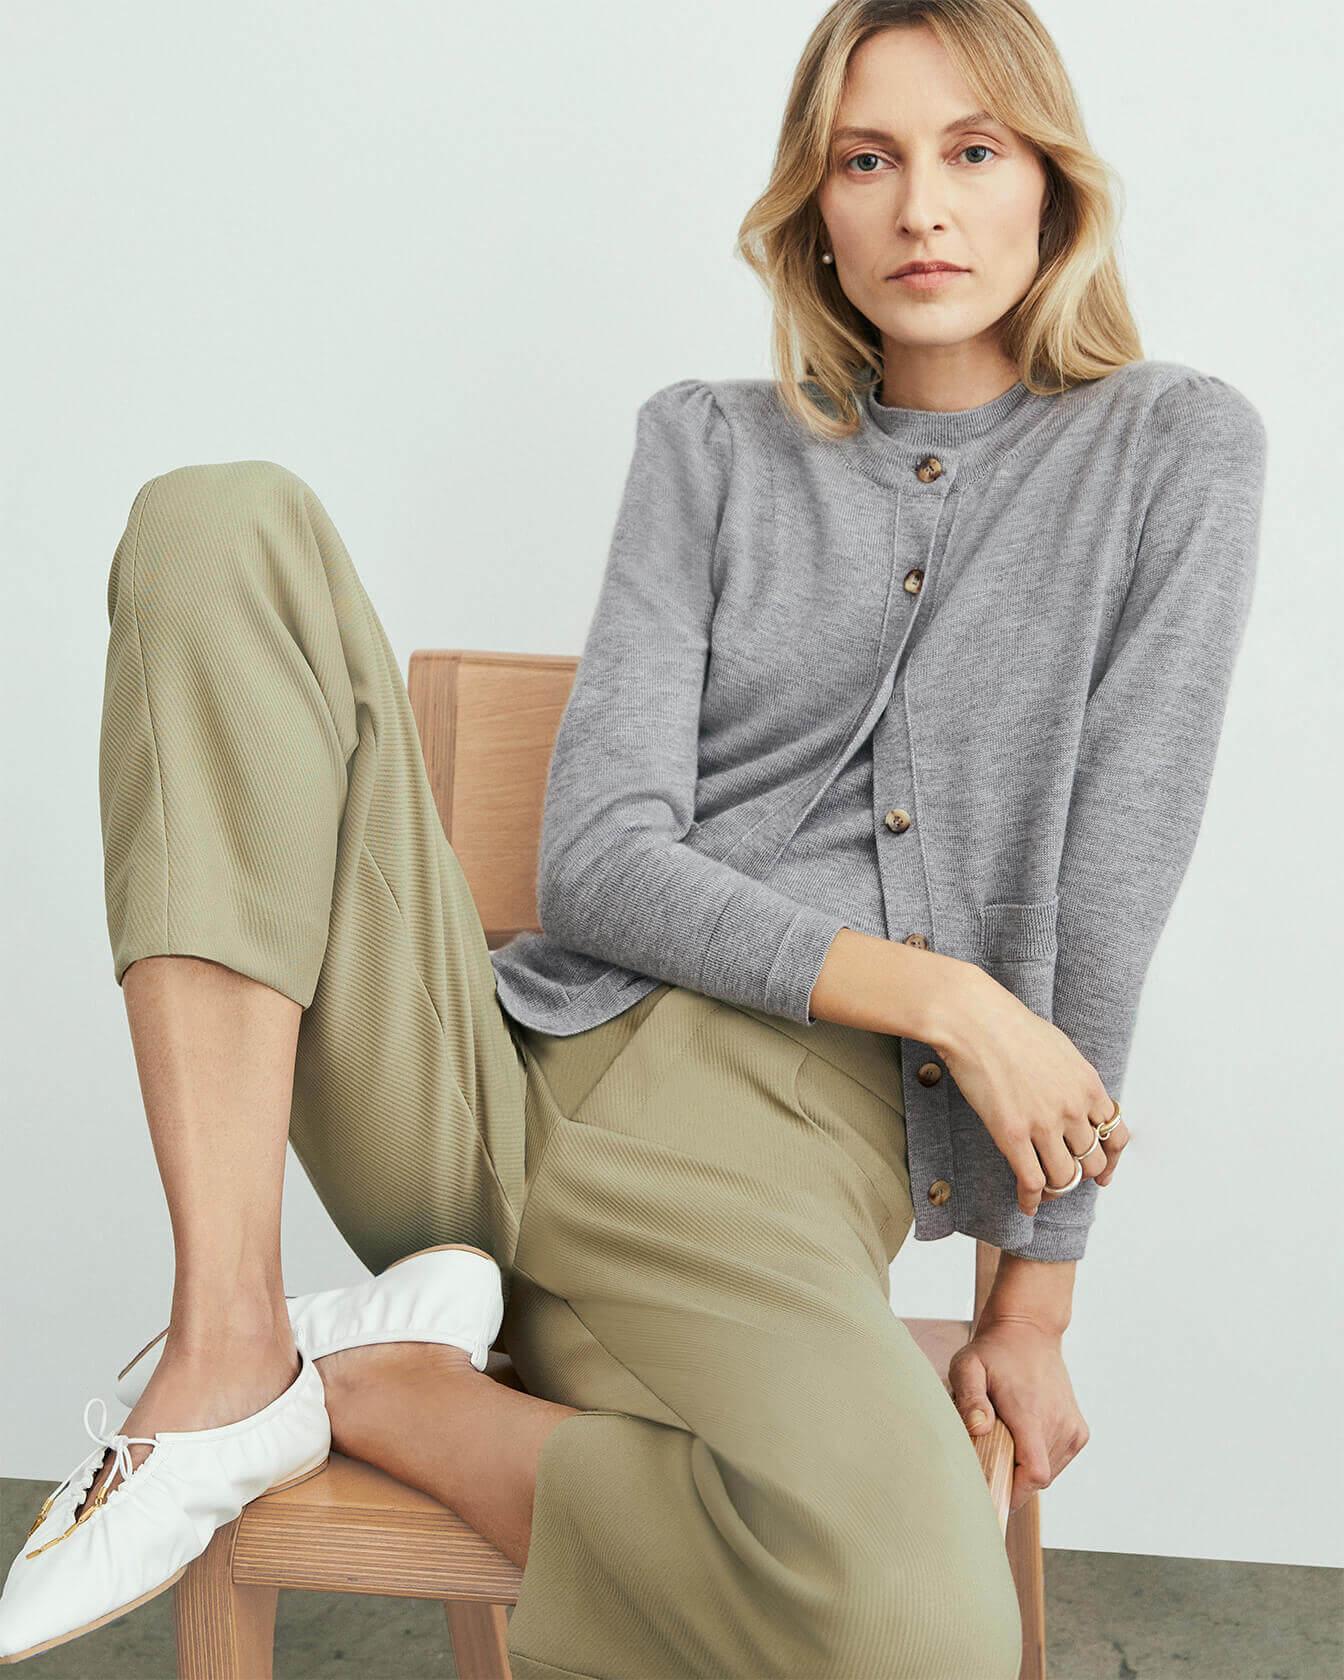 Renee Boy's Trousers